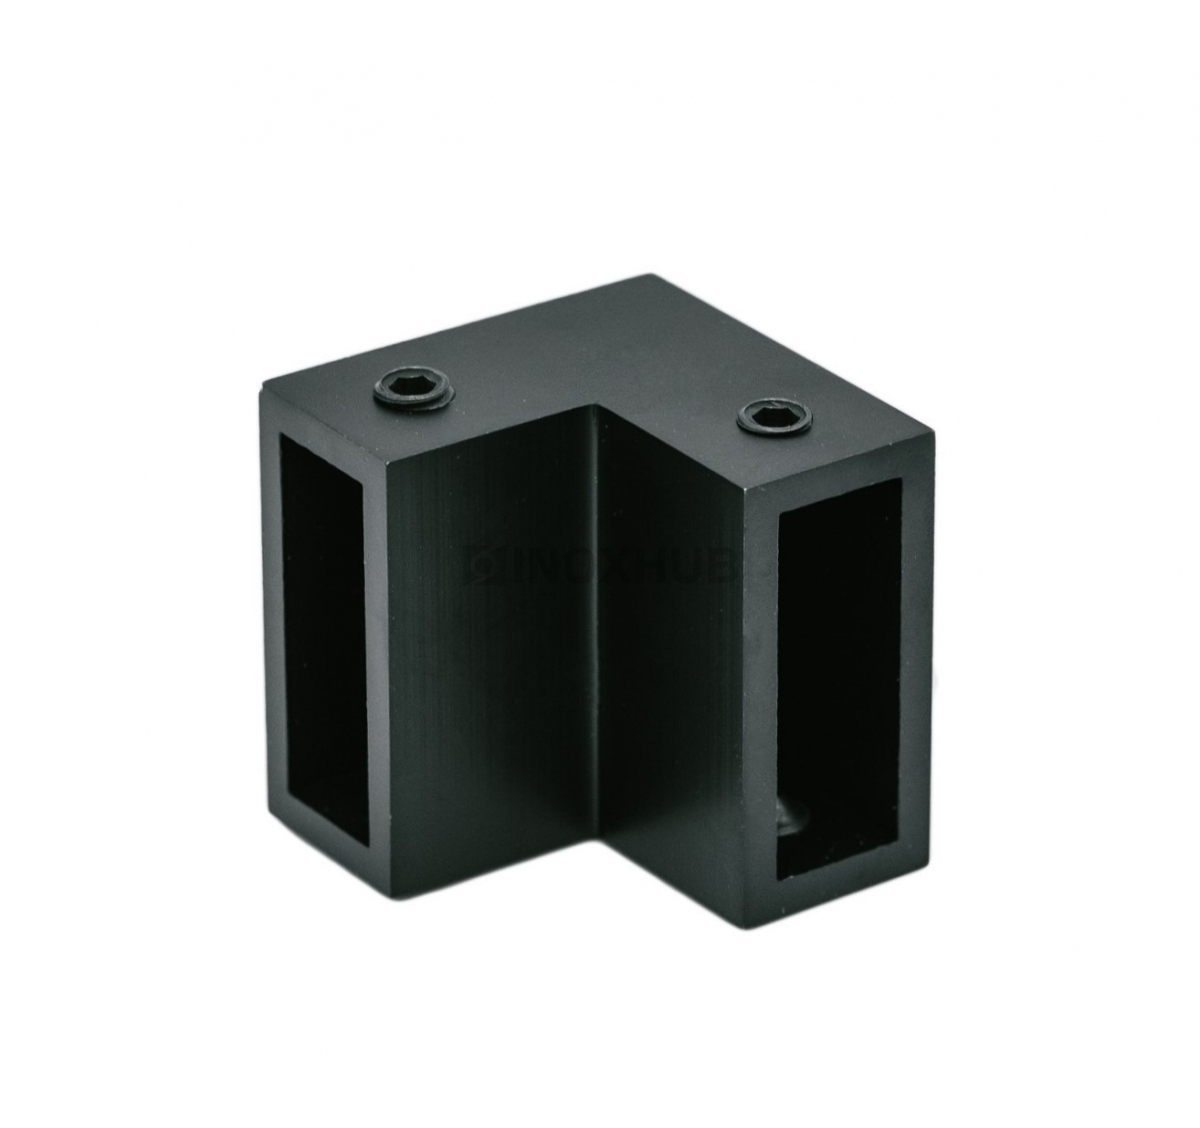 Соединитель штанги 90° (340 BLC)  штанга 30х10 мм Черный мат